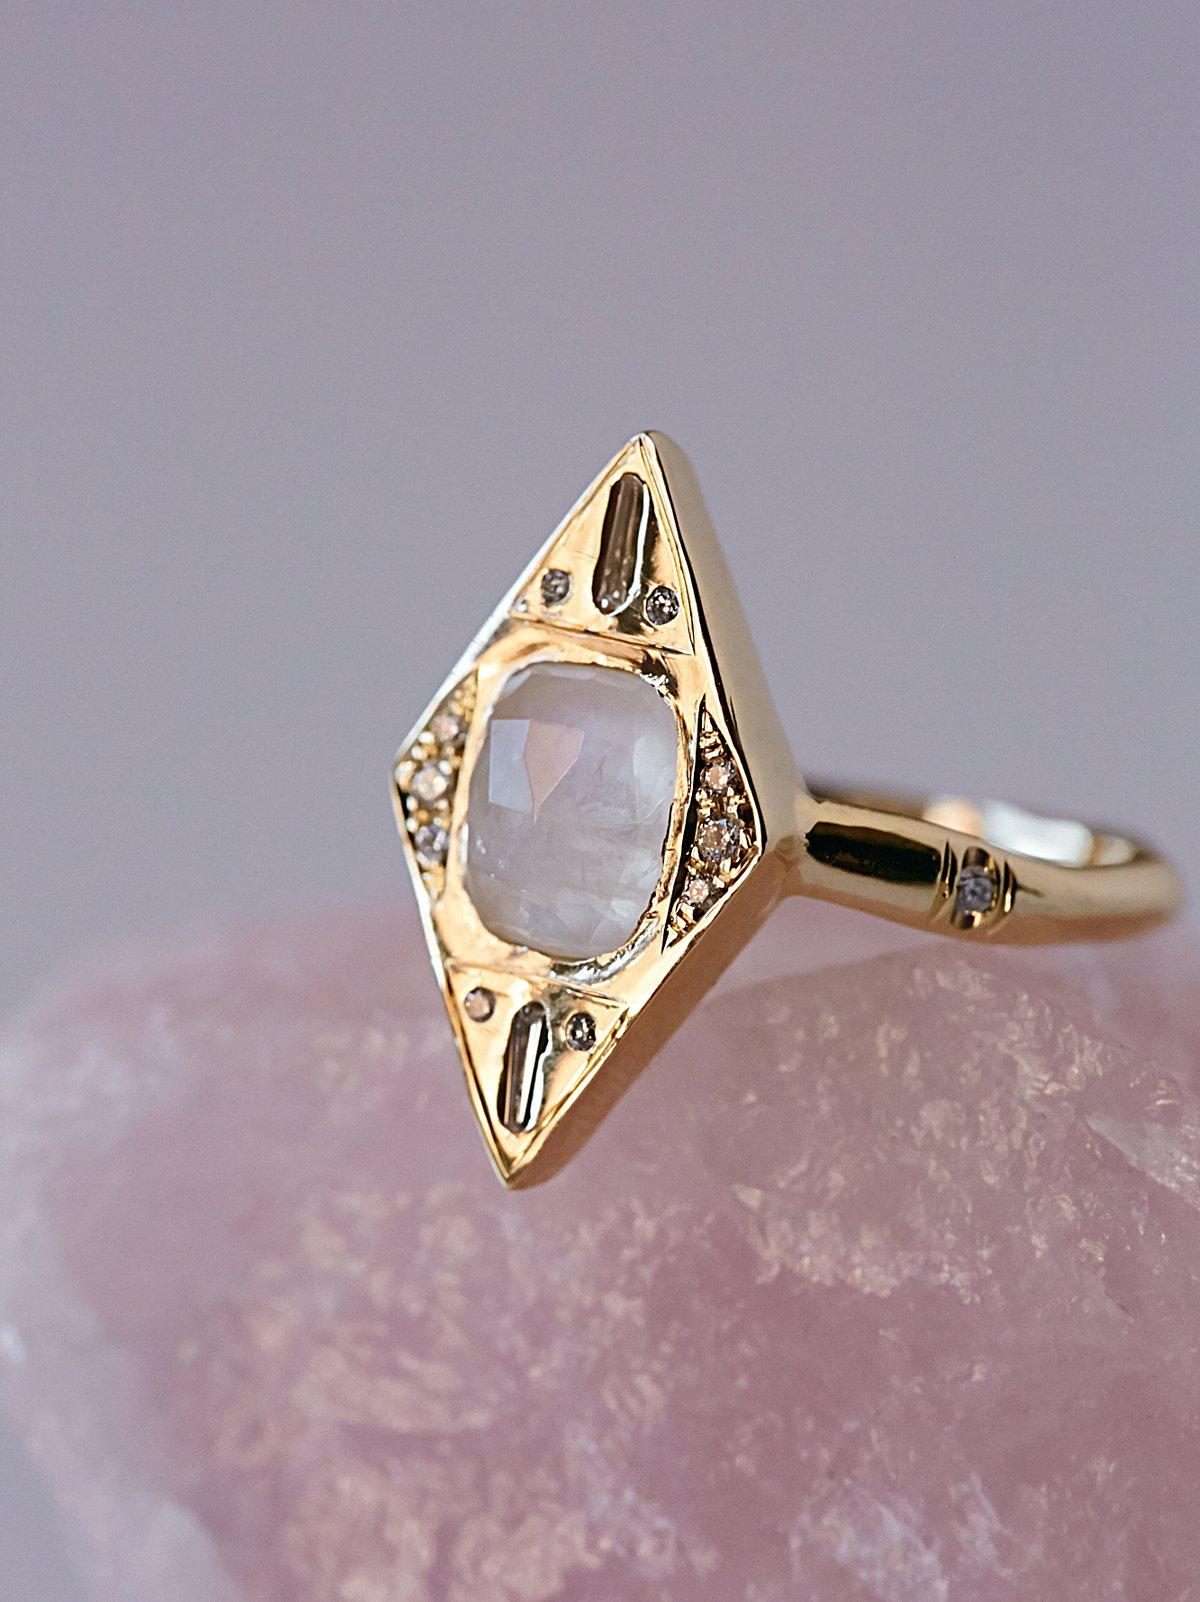 14k Envy Diamond Ring